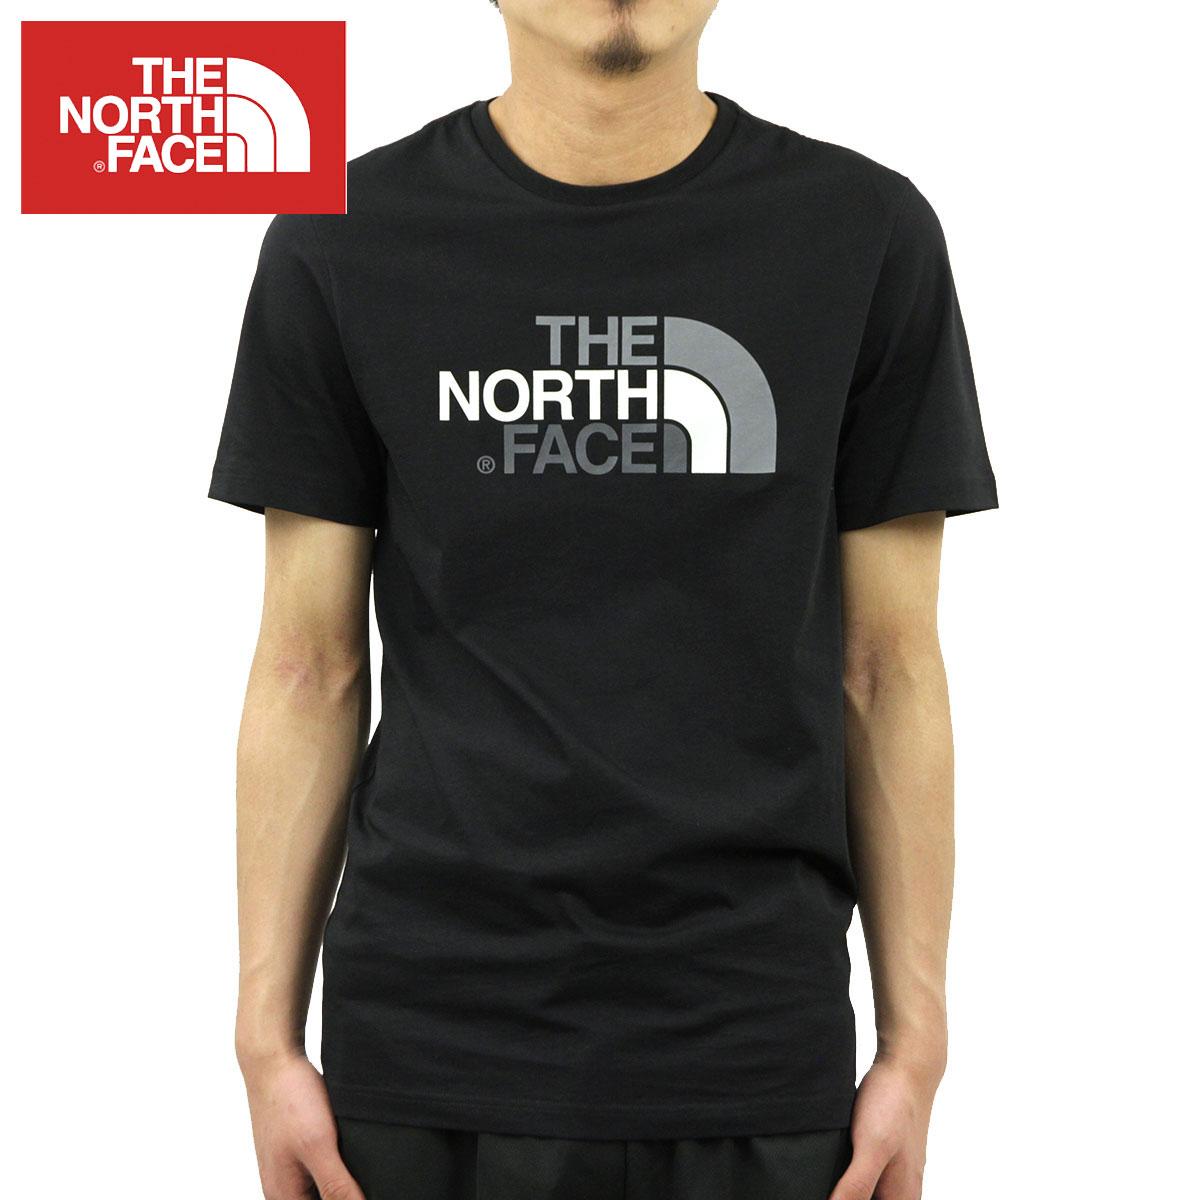 ノースフェイス Tシャツ メンズ 正規品 THE NORTH FACE 半袖Tシャツ クルーネック ロゴTシャツ SHORT SLEEVE EASY TEE NF0A2TX3 TNF BLACK A14B B1C C1D D1E E13F